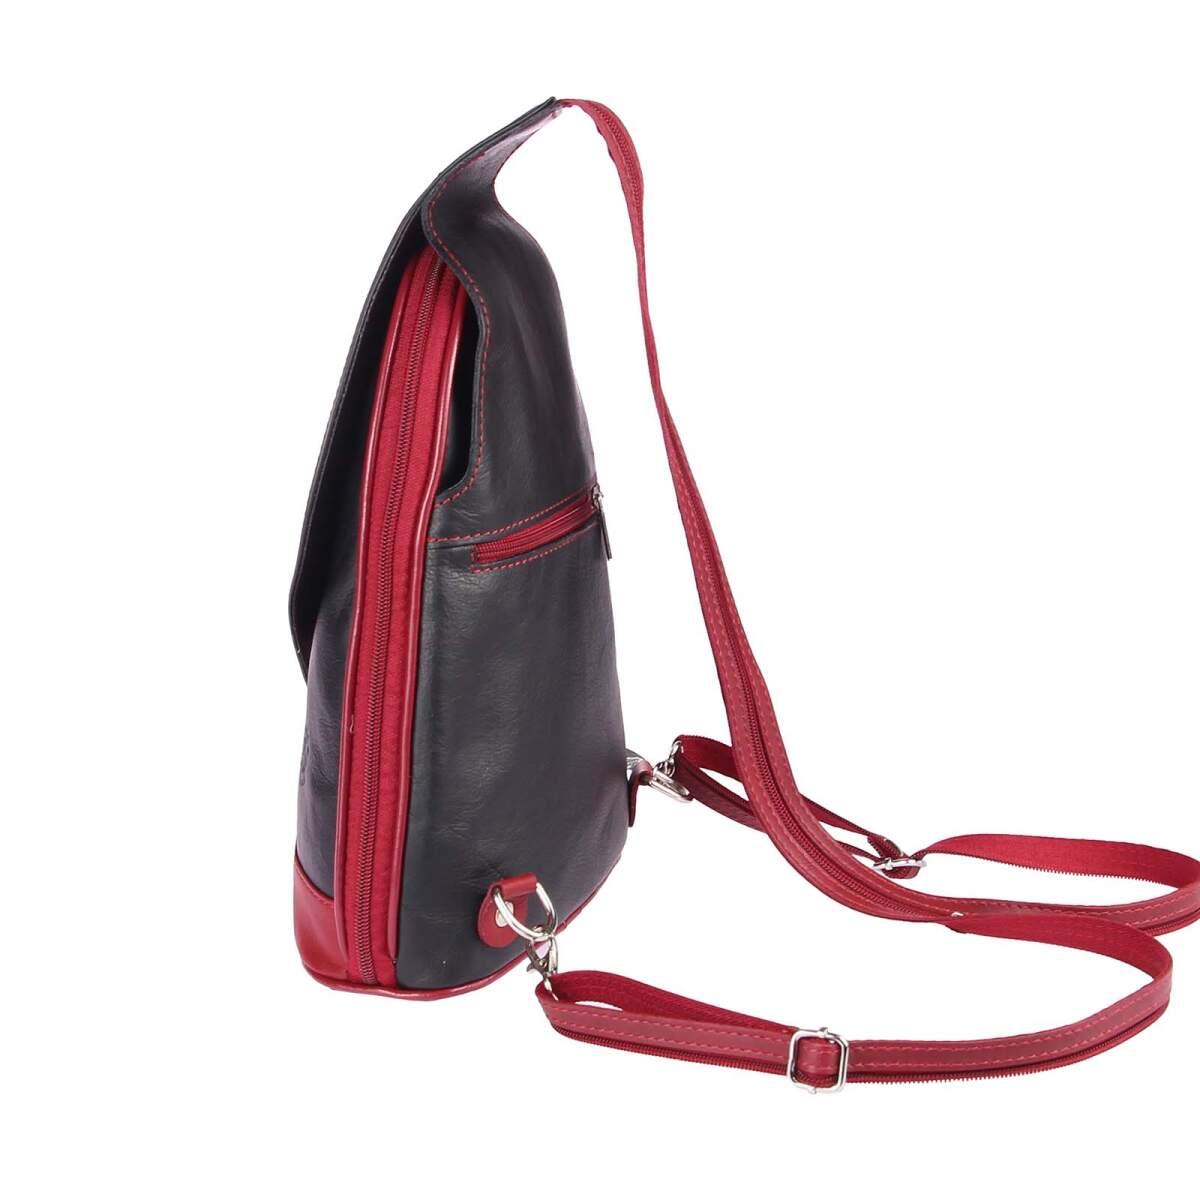 obc made in italy damen echt leder rucksack minirucksack. Black Bedroom Furniture Sets. Home Design Ideas